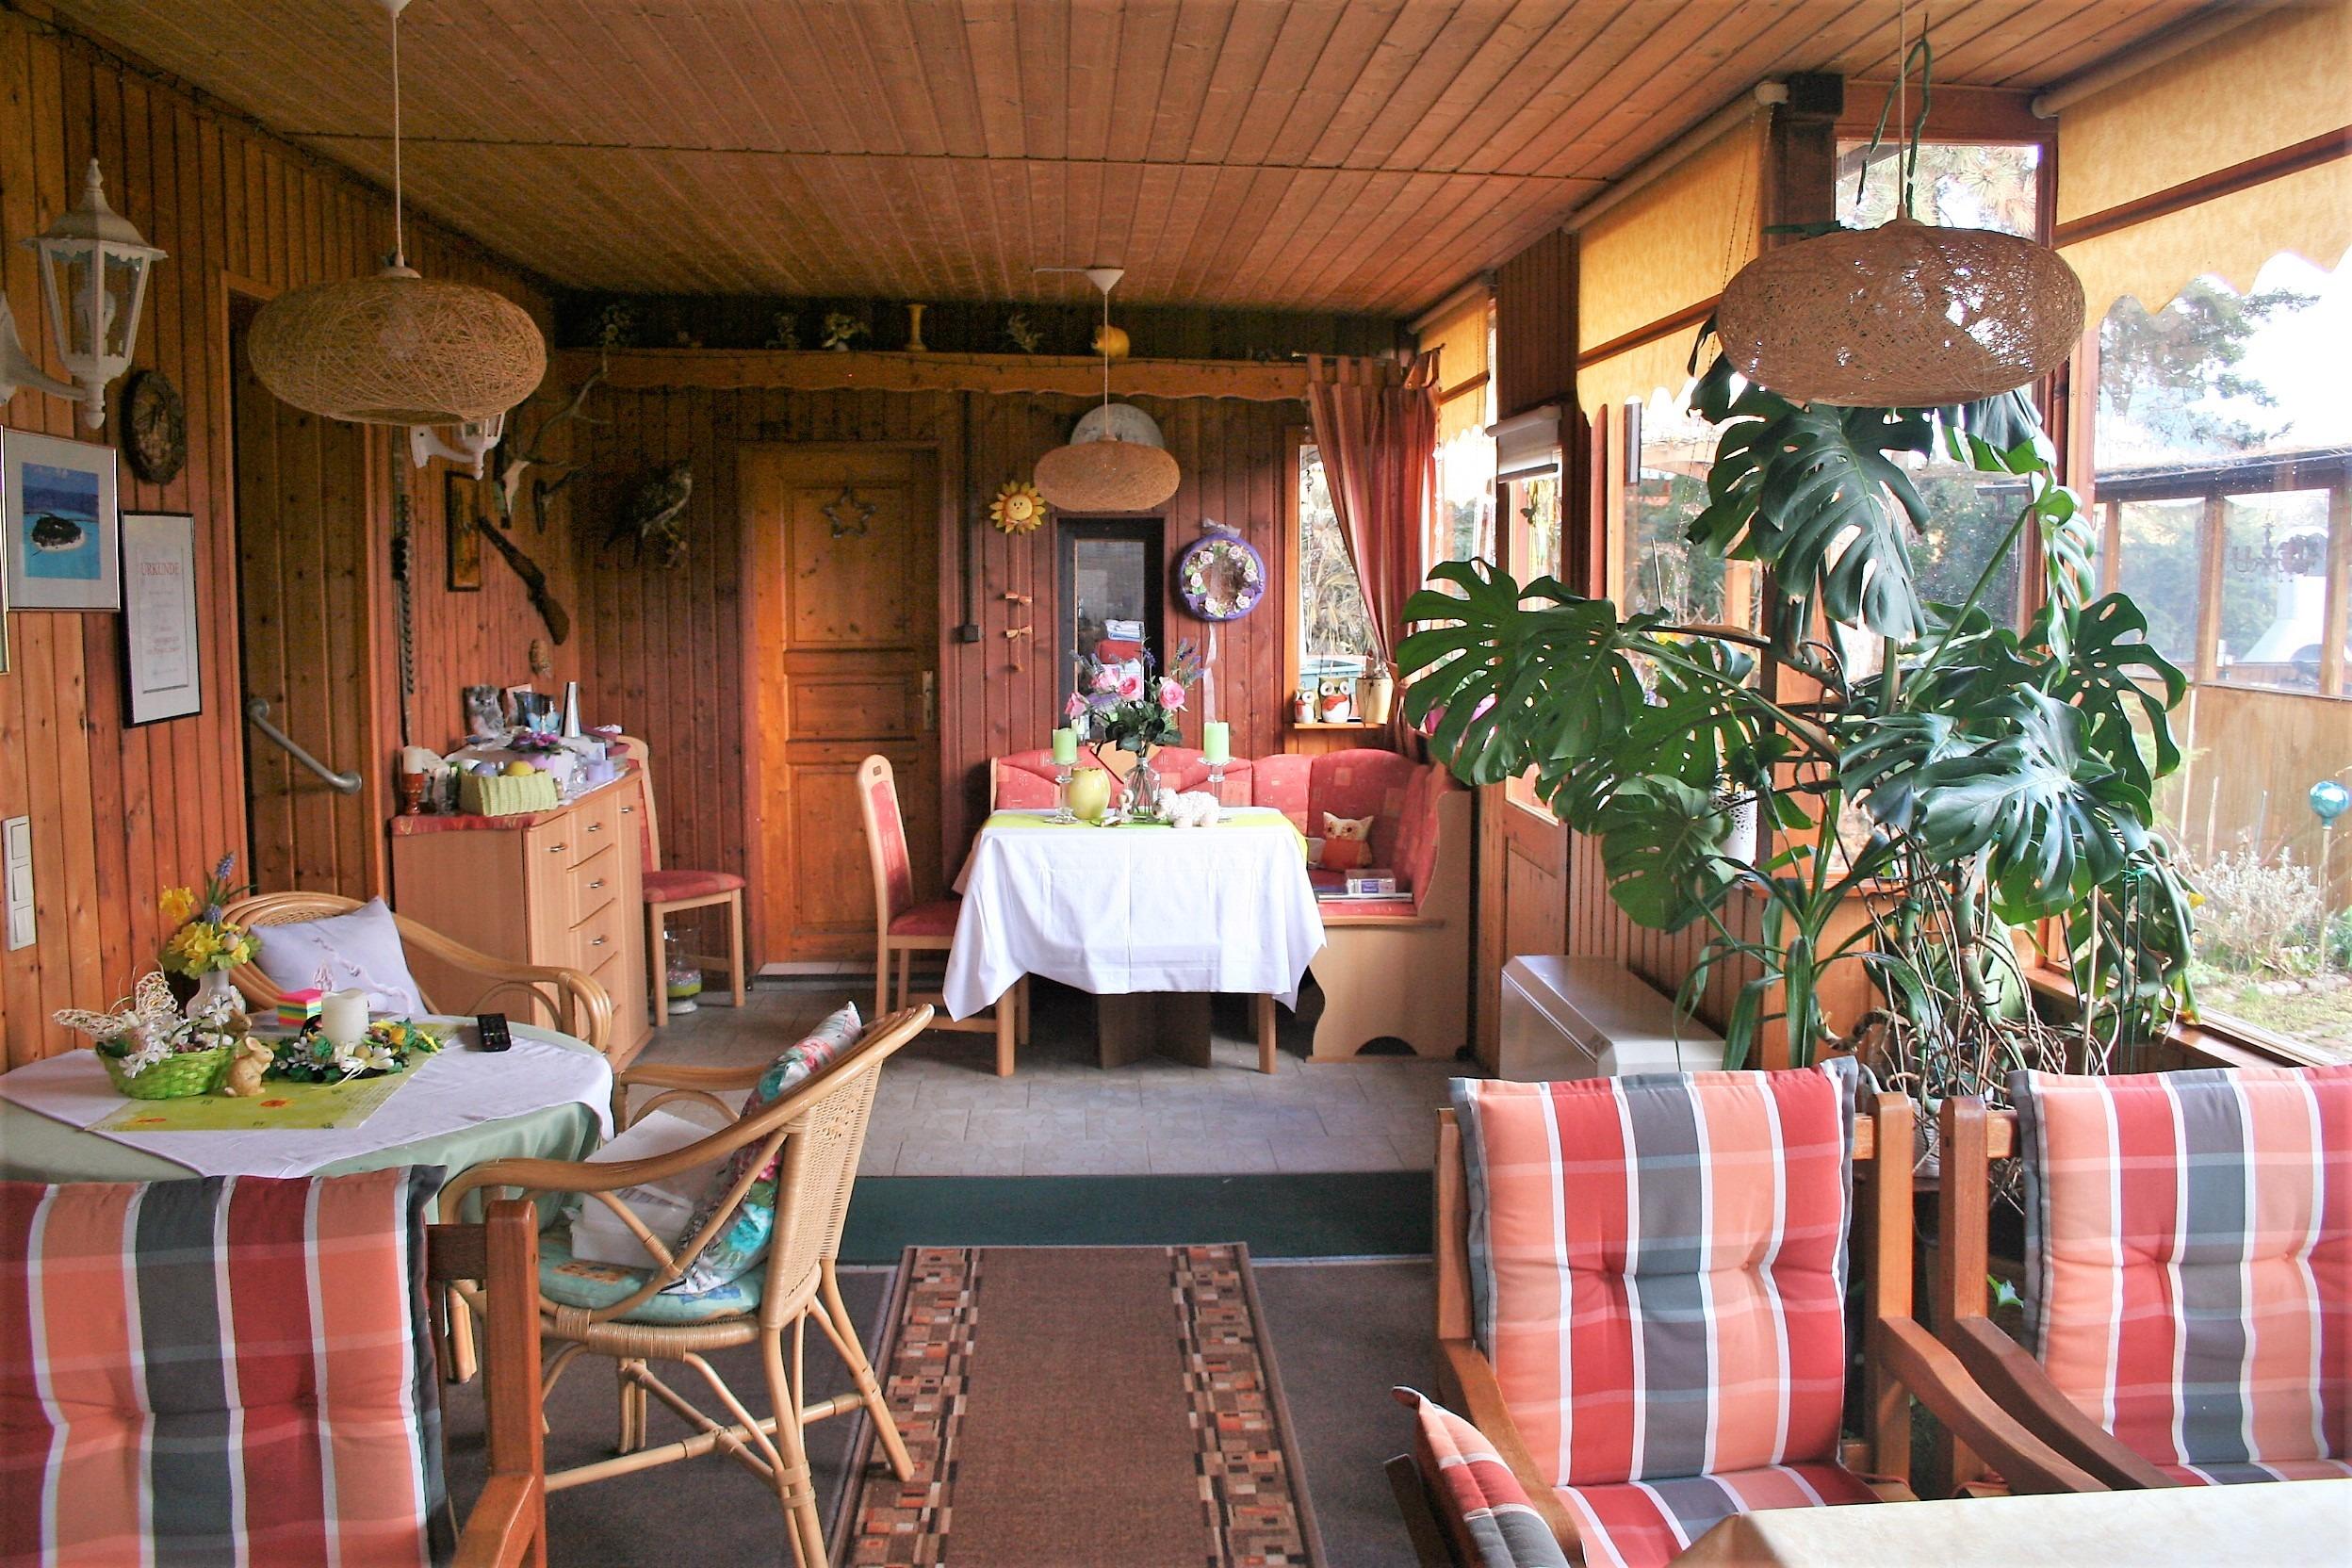 Mehrfamilienhaus/Pension in Peißen - Detail Frühstücksraum